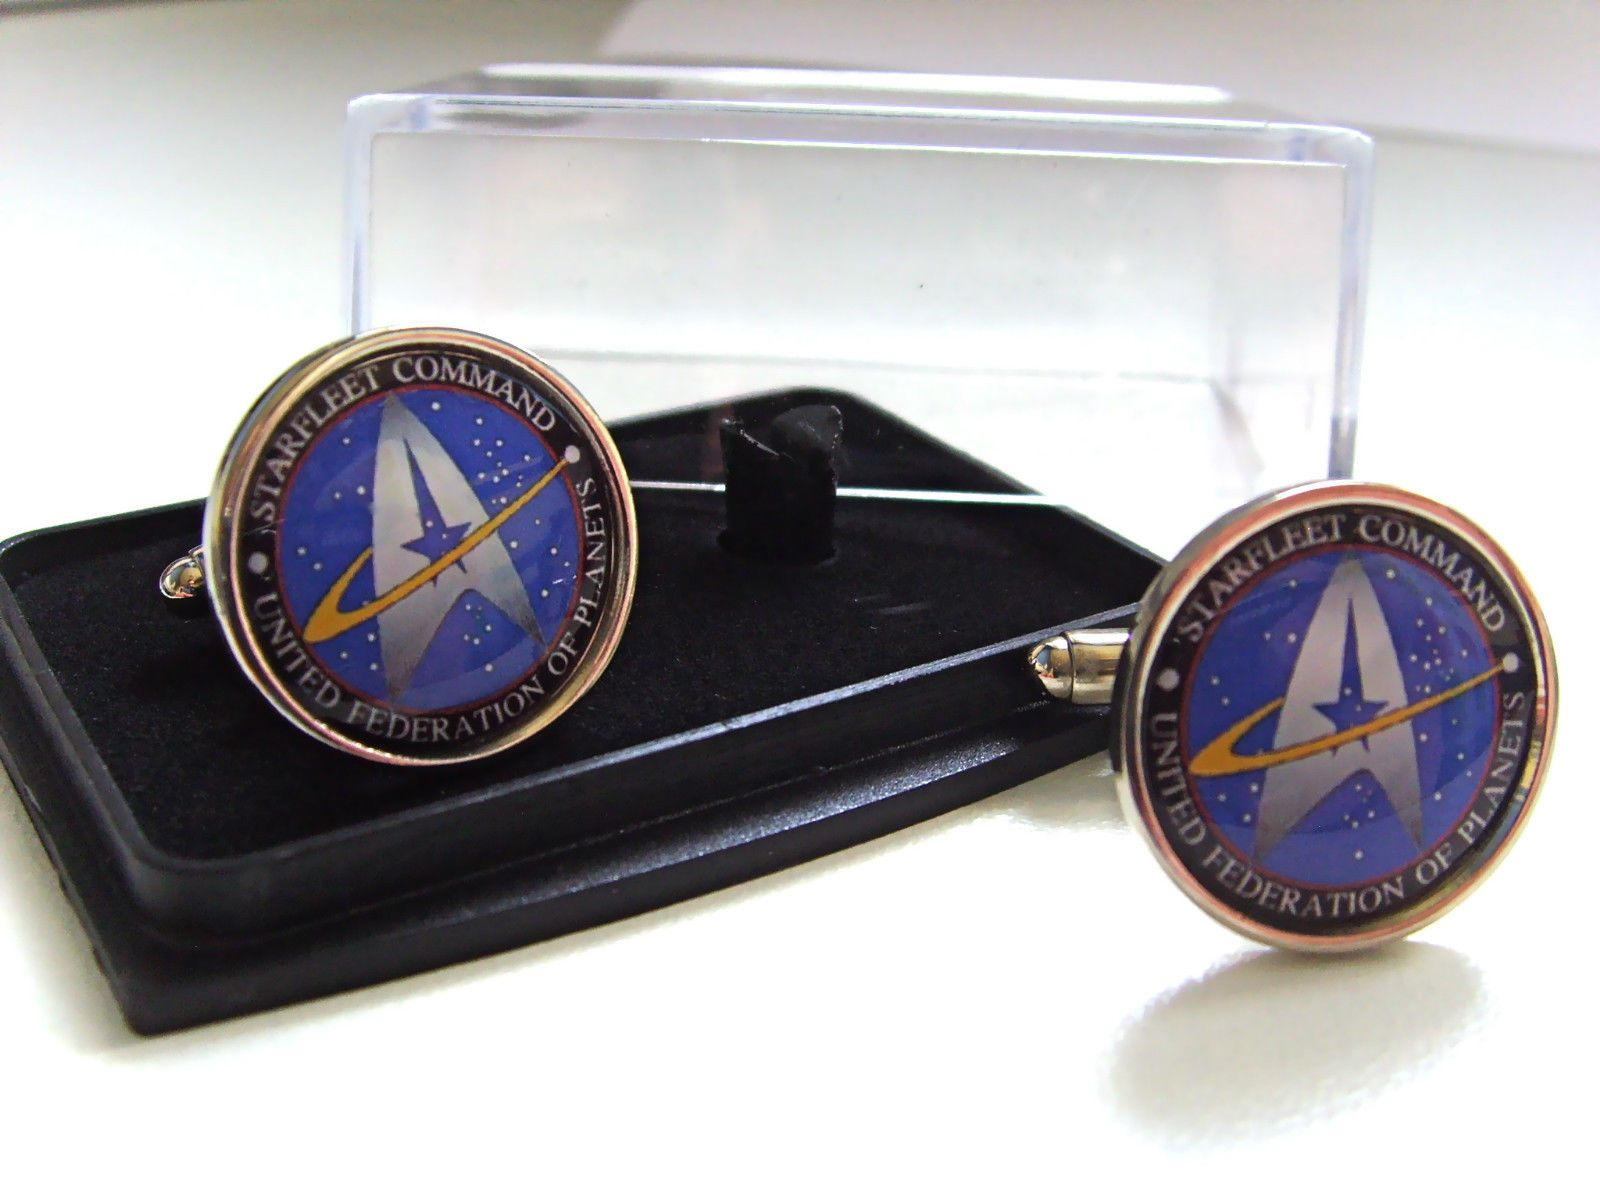 Details about star trek starfleet command mens cufflinks